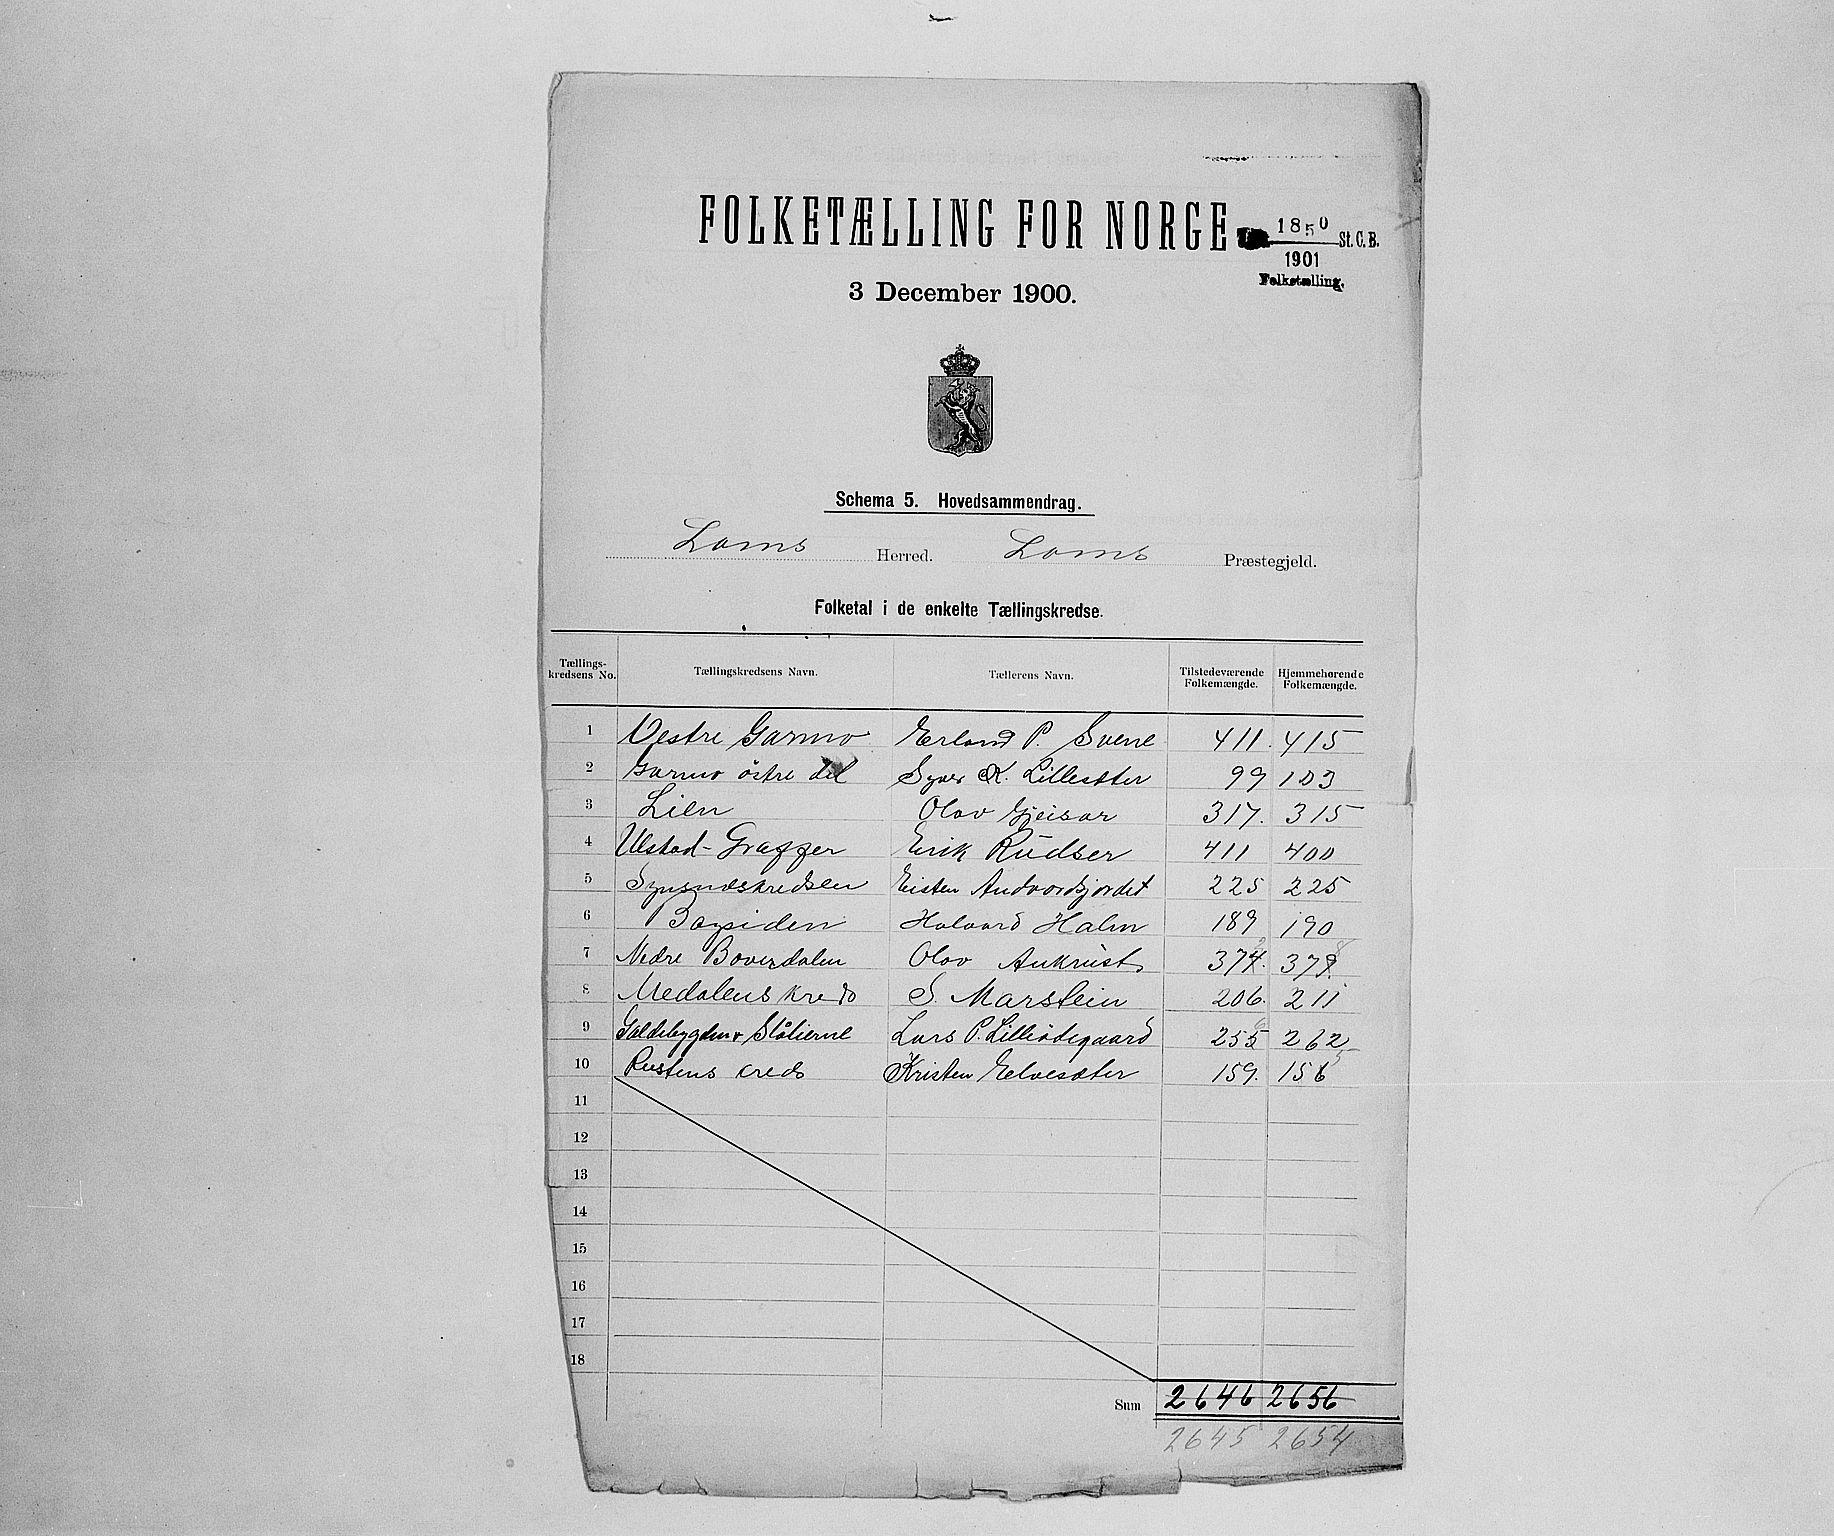 SAH, Folketelling 1900 for 0514 Lom herred, 1900, s. 2